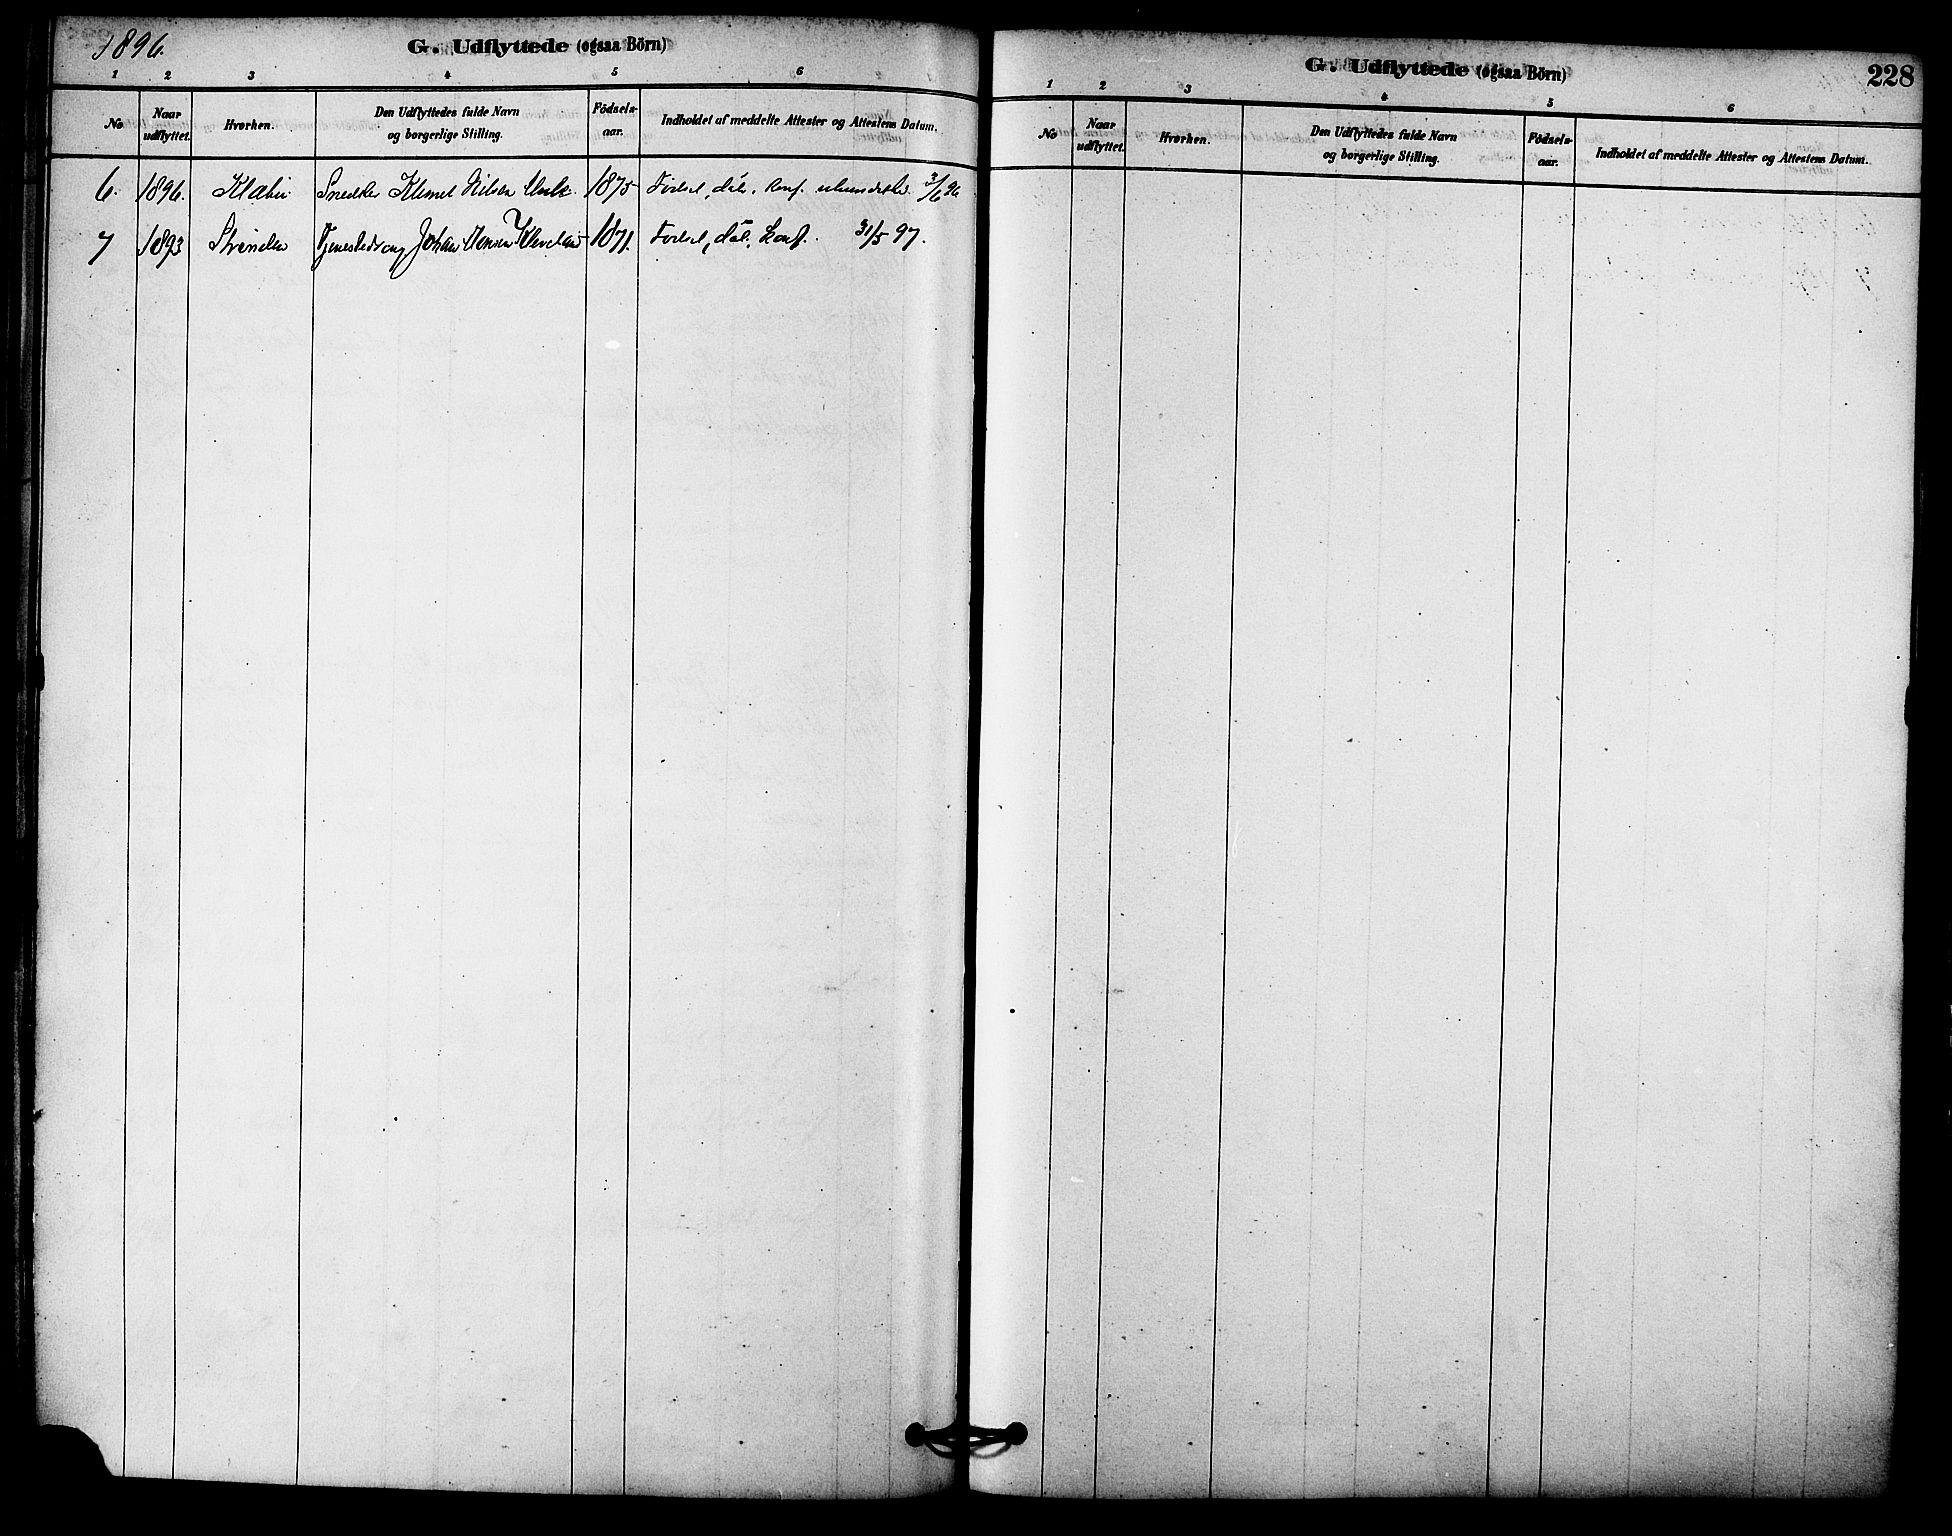 SAT, Ministerialprotokoller, klokkerbøker og fødselsregistre - Sør-Trøndelag, 612/L0378: Ministerialbok nr. 612A10, 1878-1897, s. 228